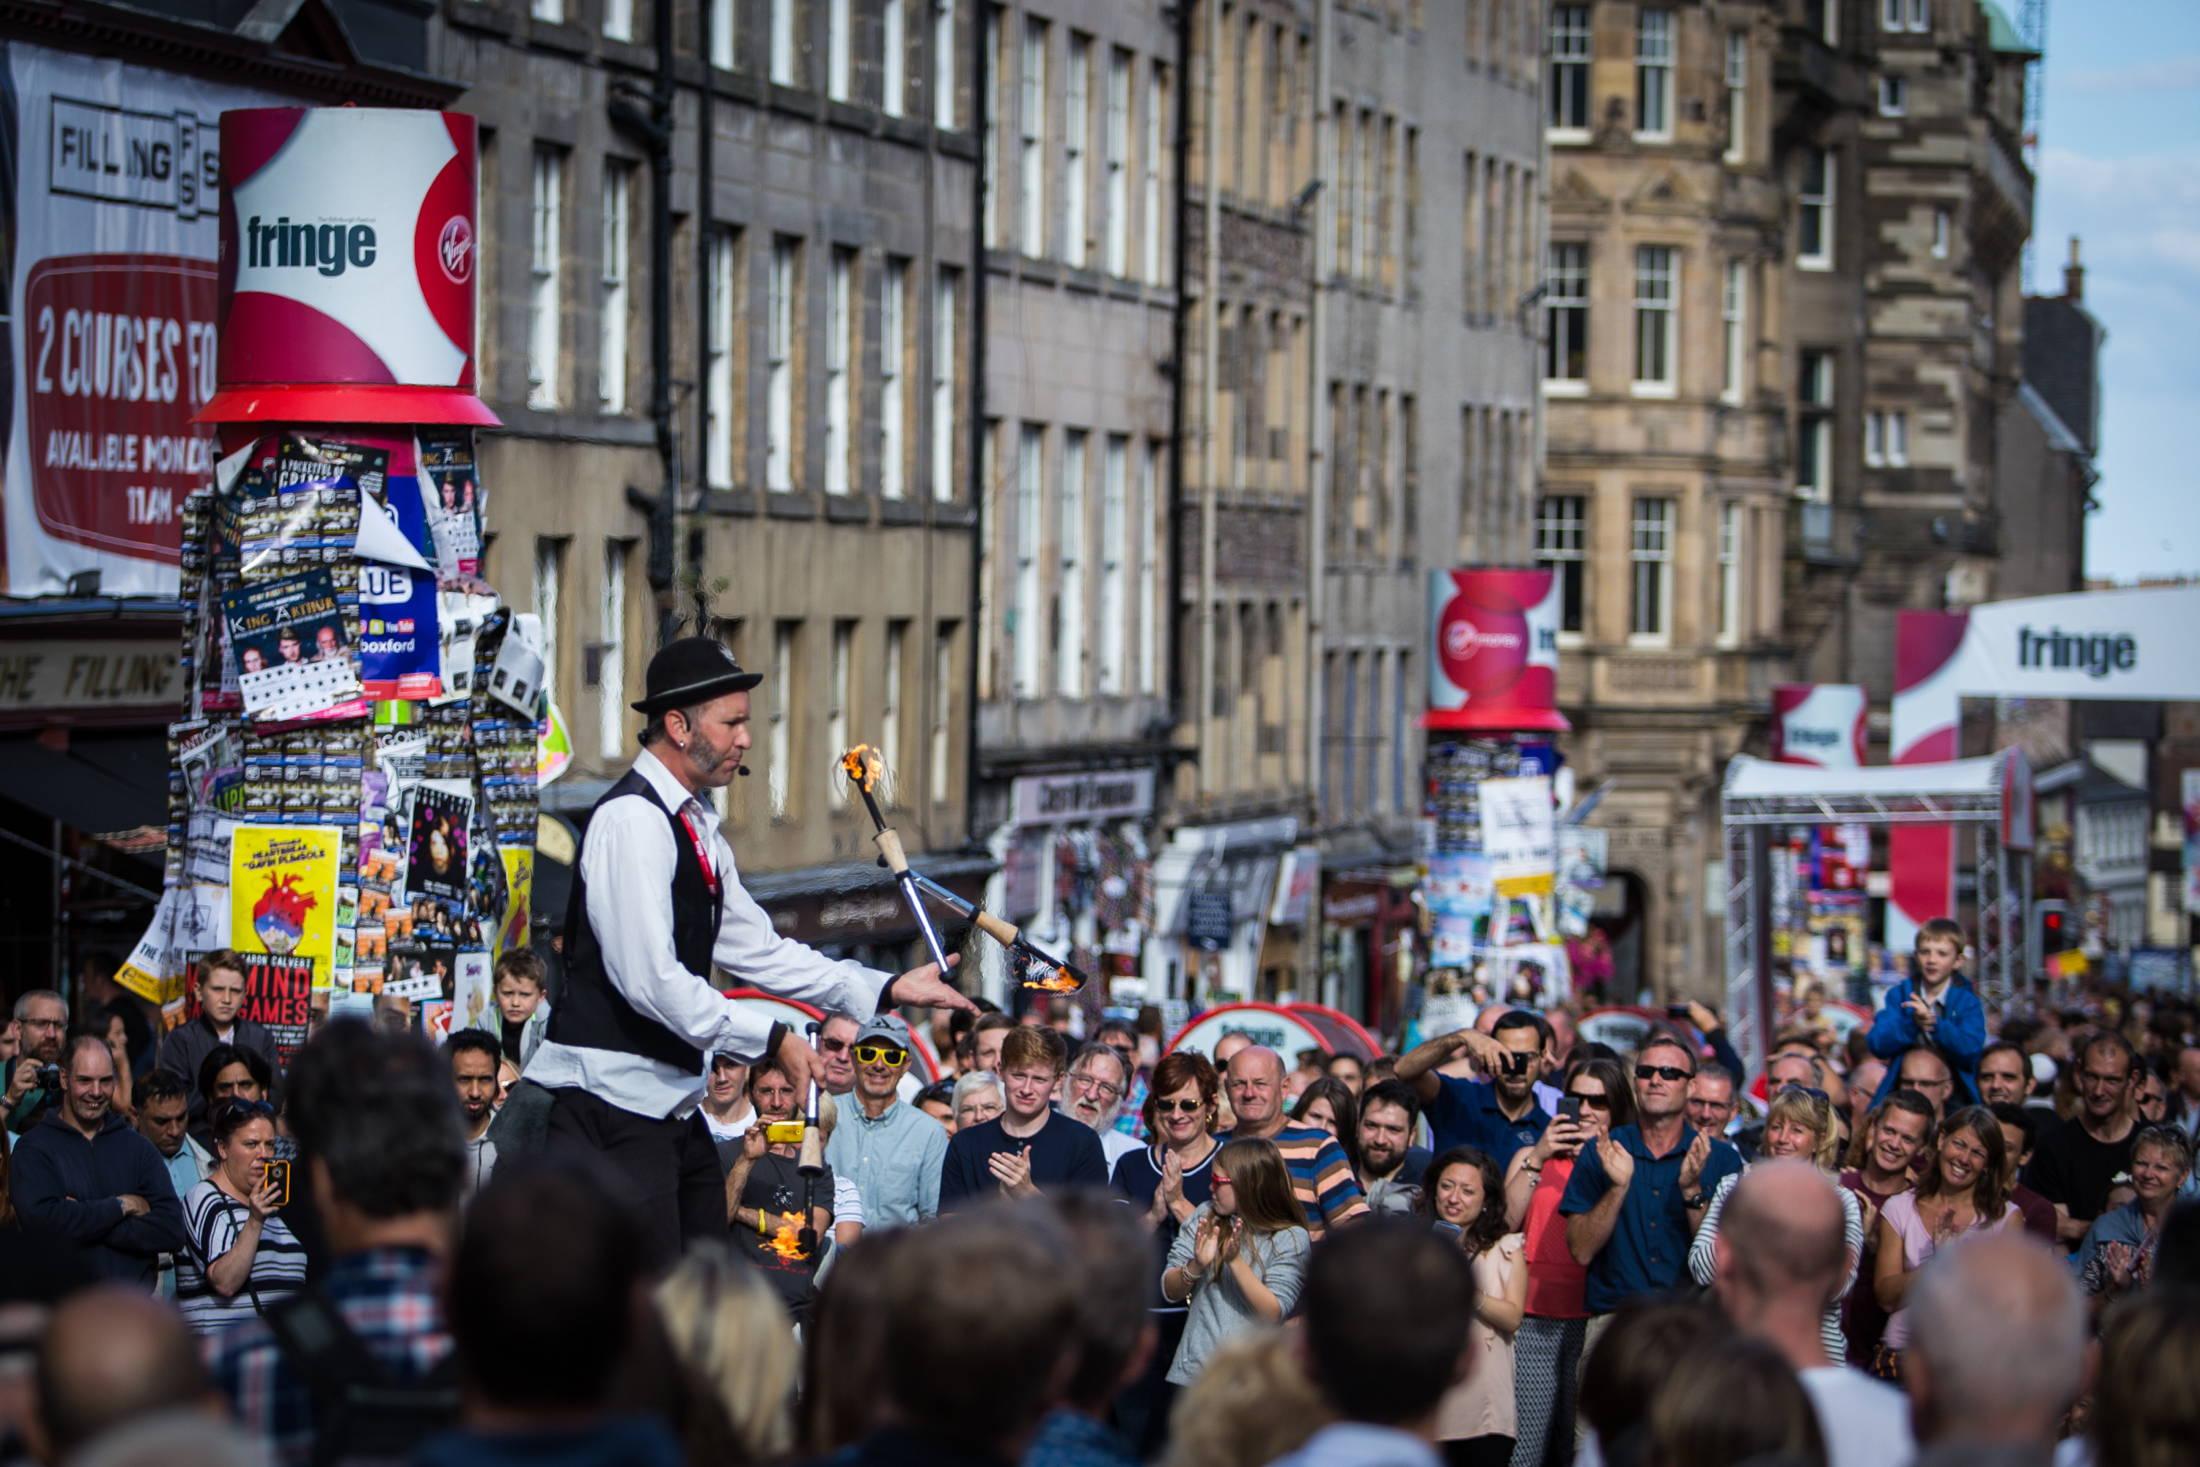 The 2016 Edinburgh Festival Fringe